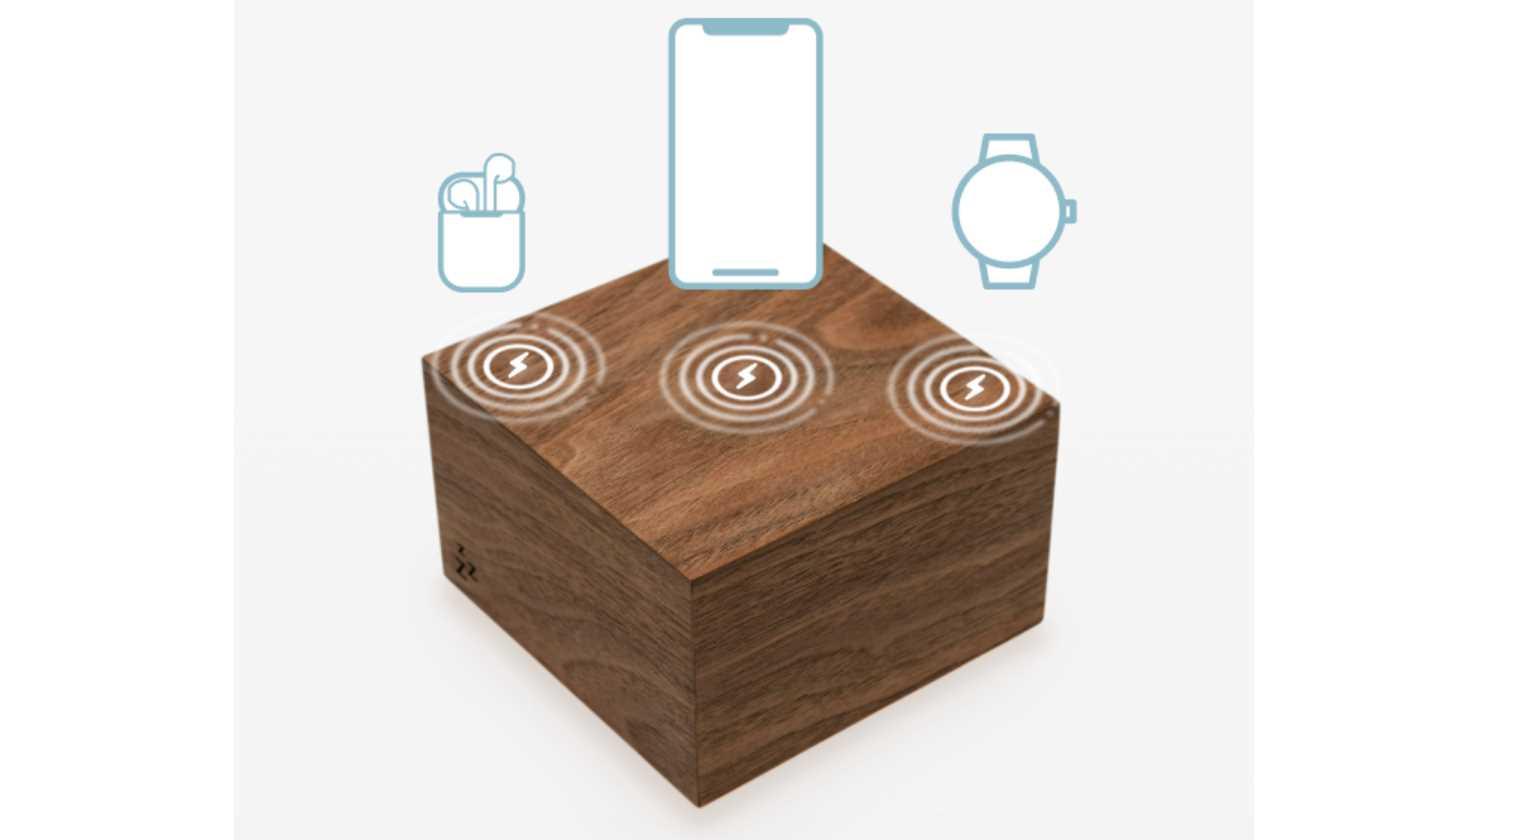 La caja que nos ayuda a dormir mejor, basada en el invento de Mark Zuckerberg